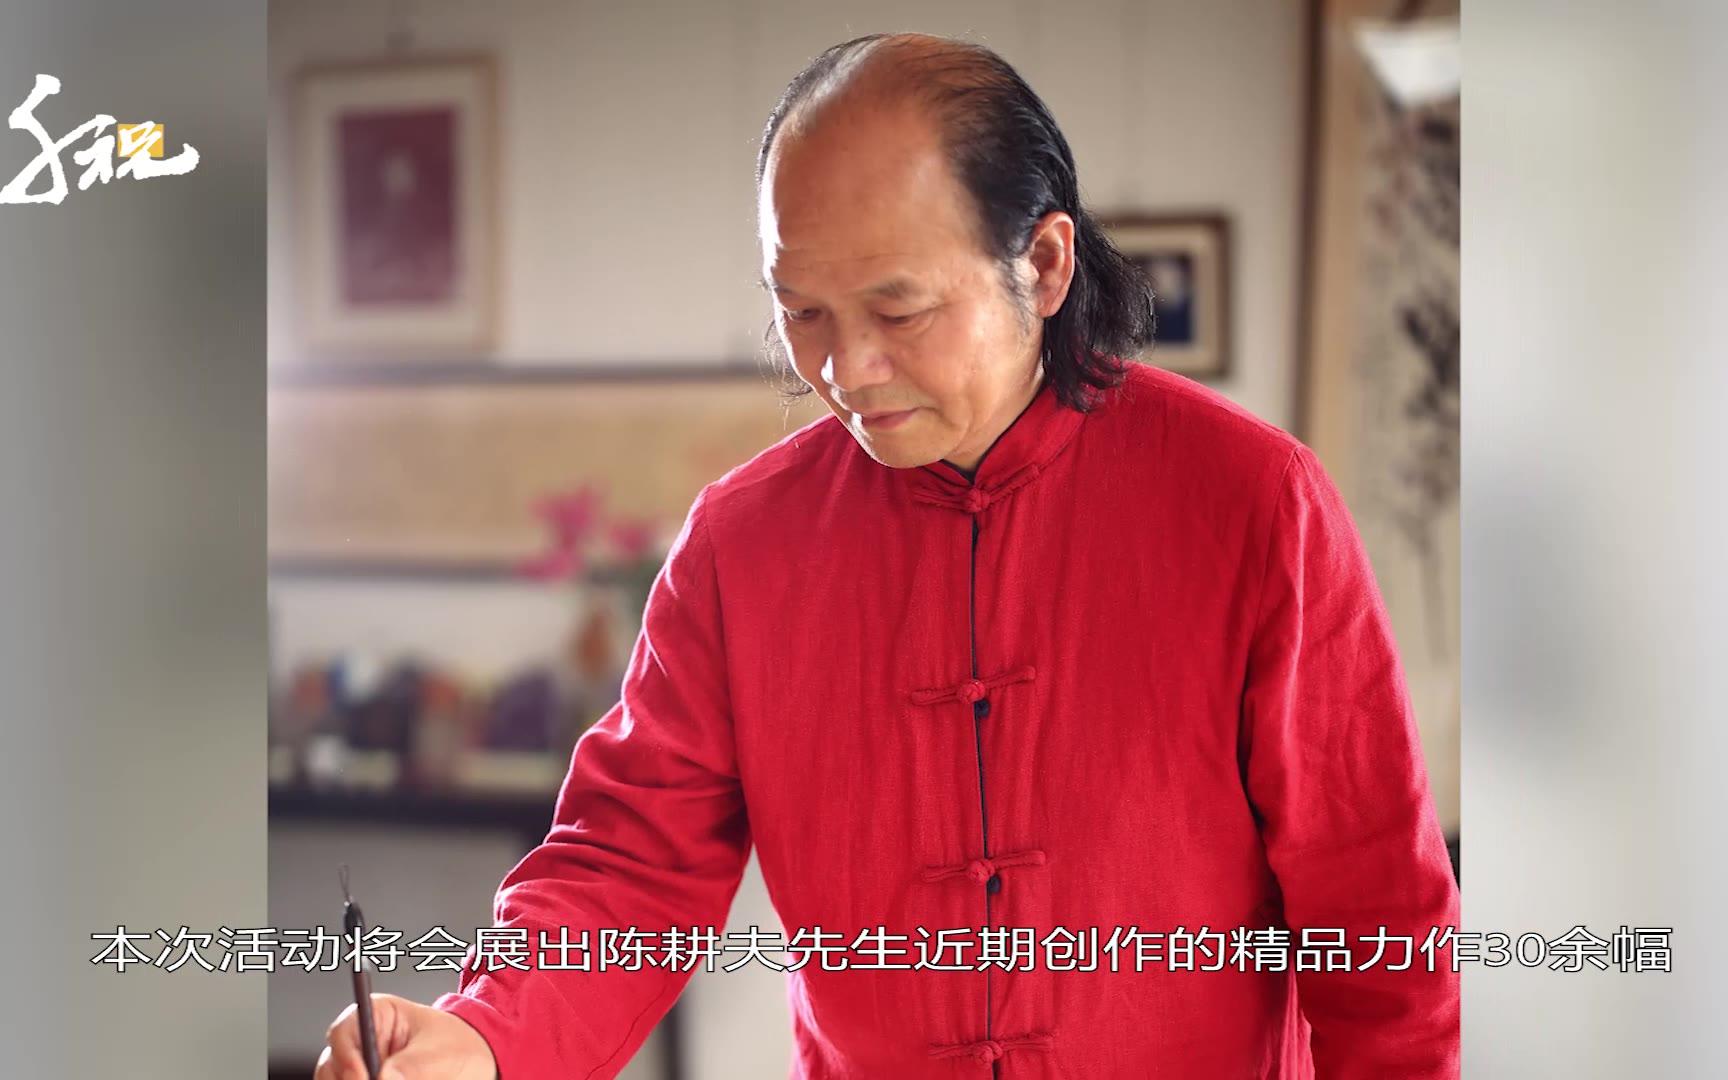 千祝雅集第一期——格调、陈耕夫山水画展